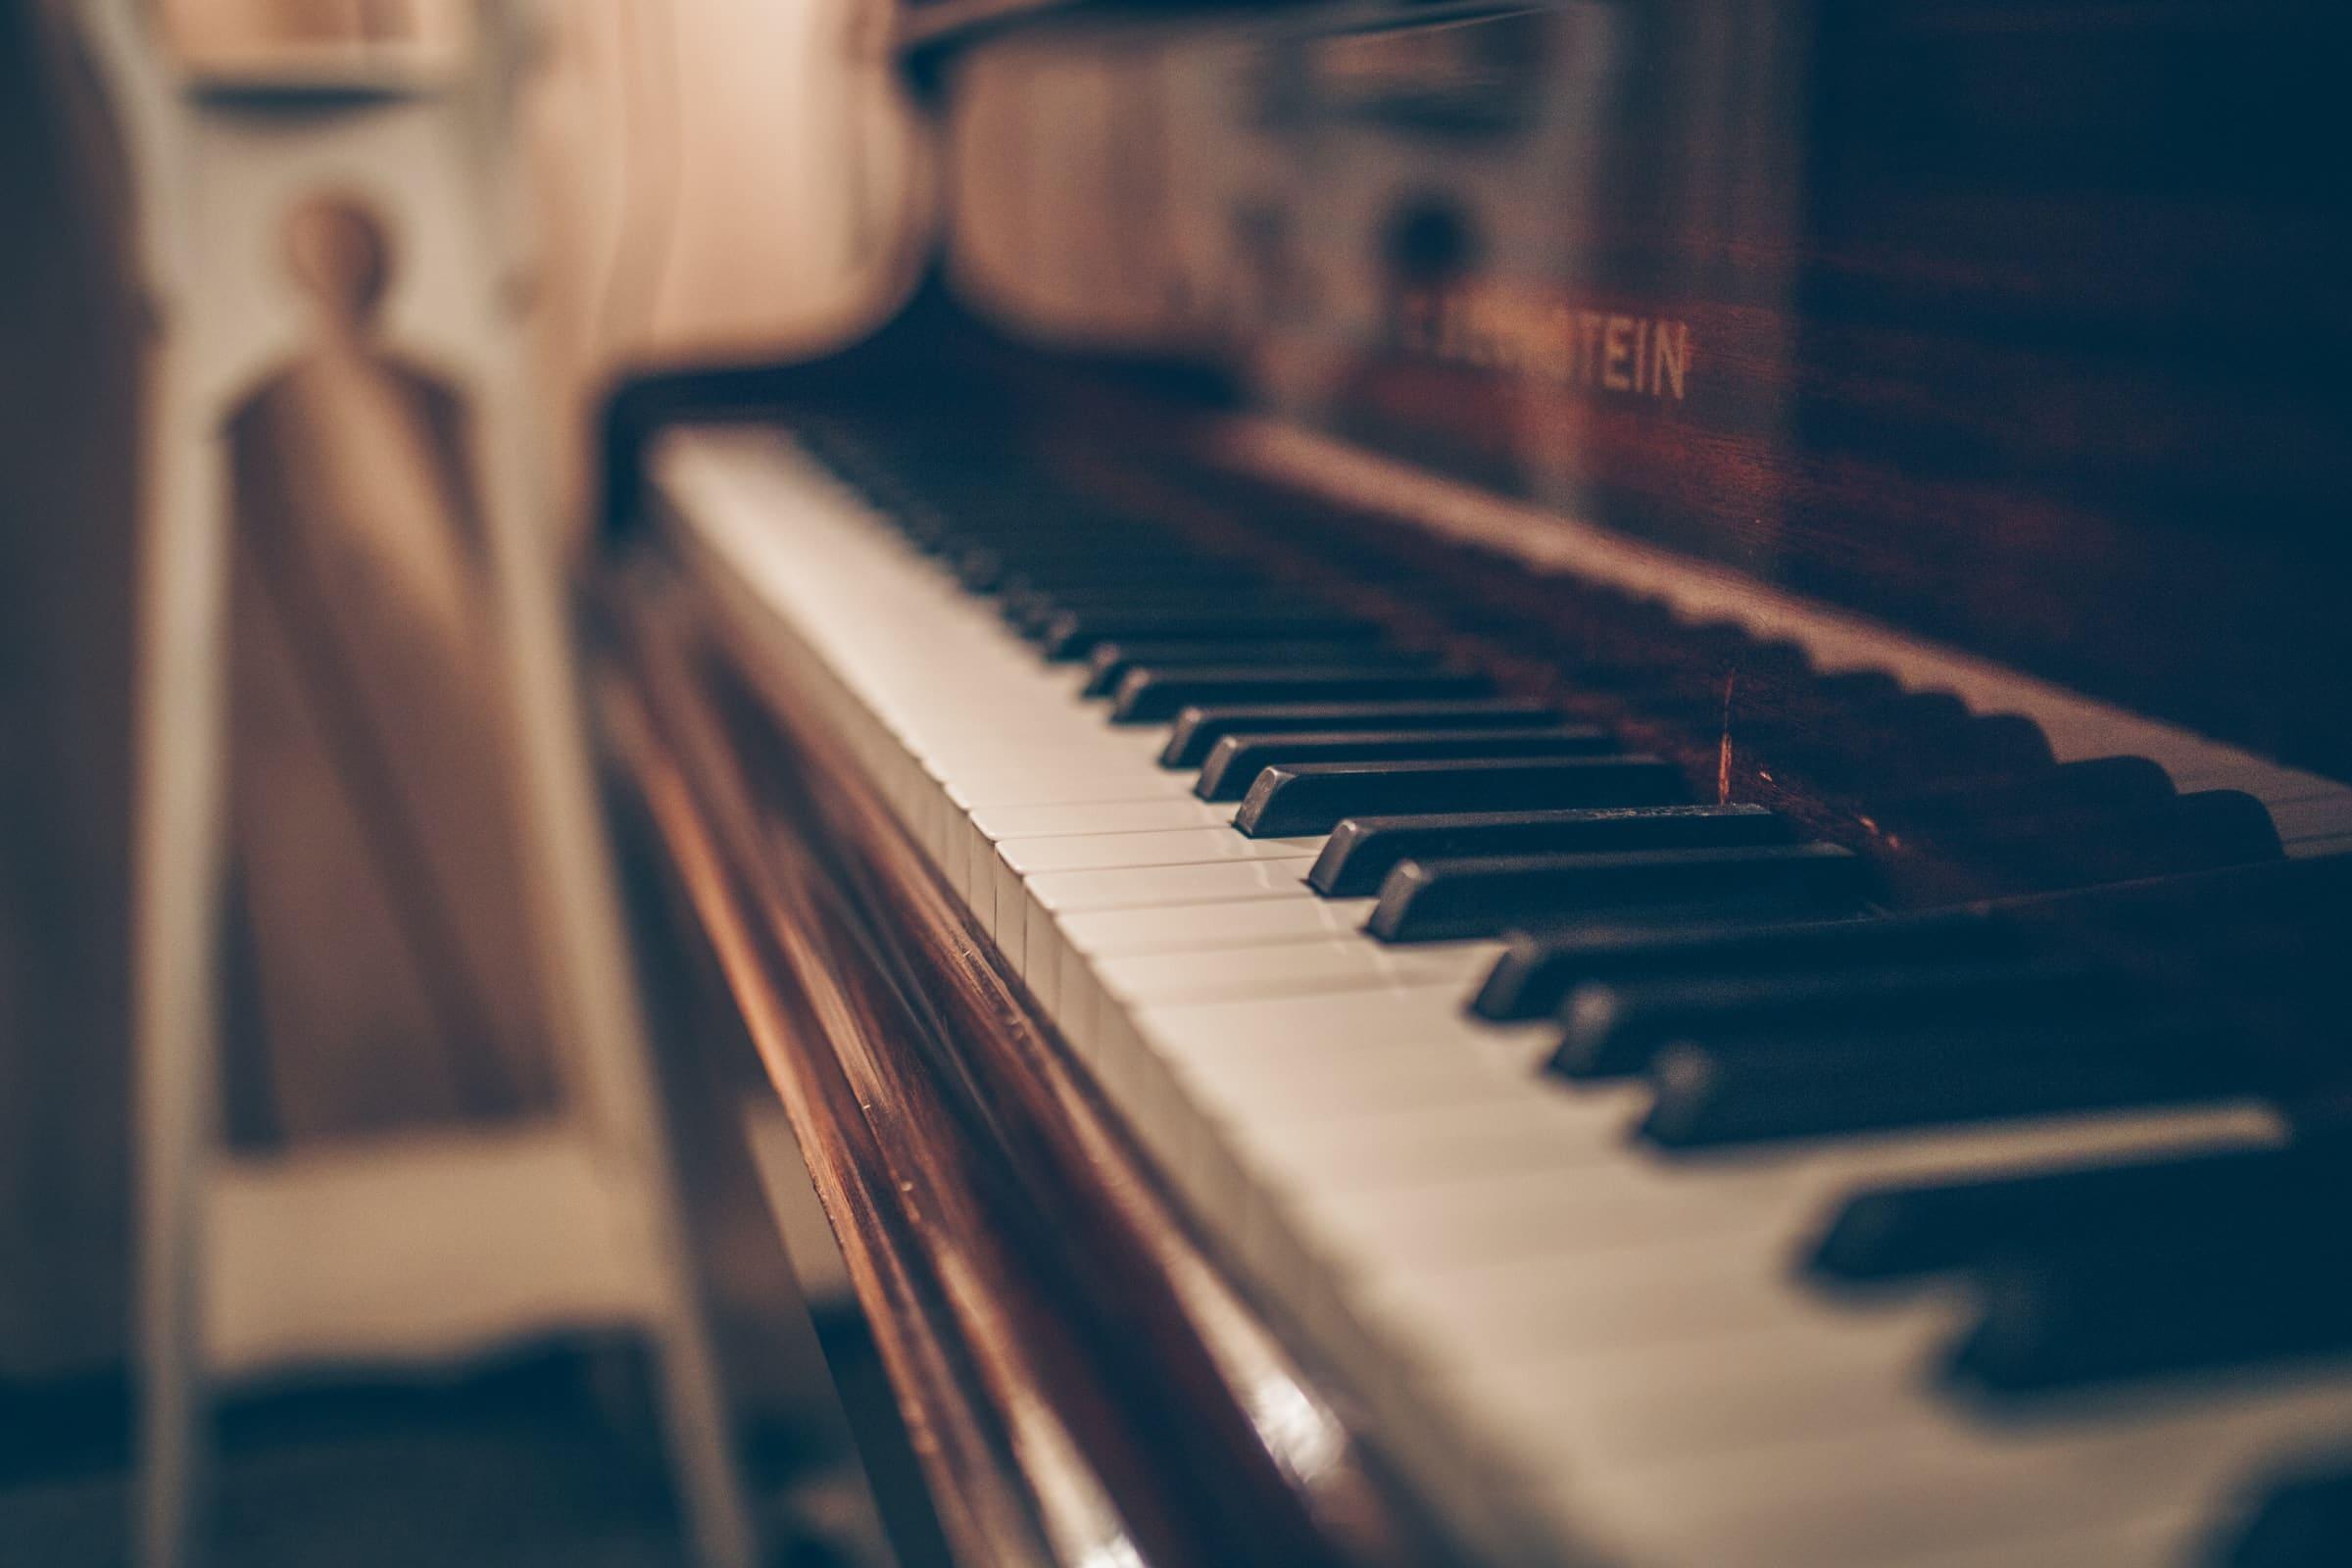 Pianos numériques ou pianos acoustiques